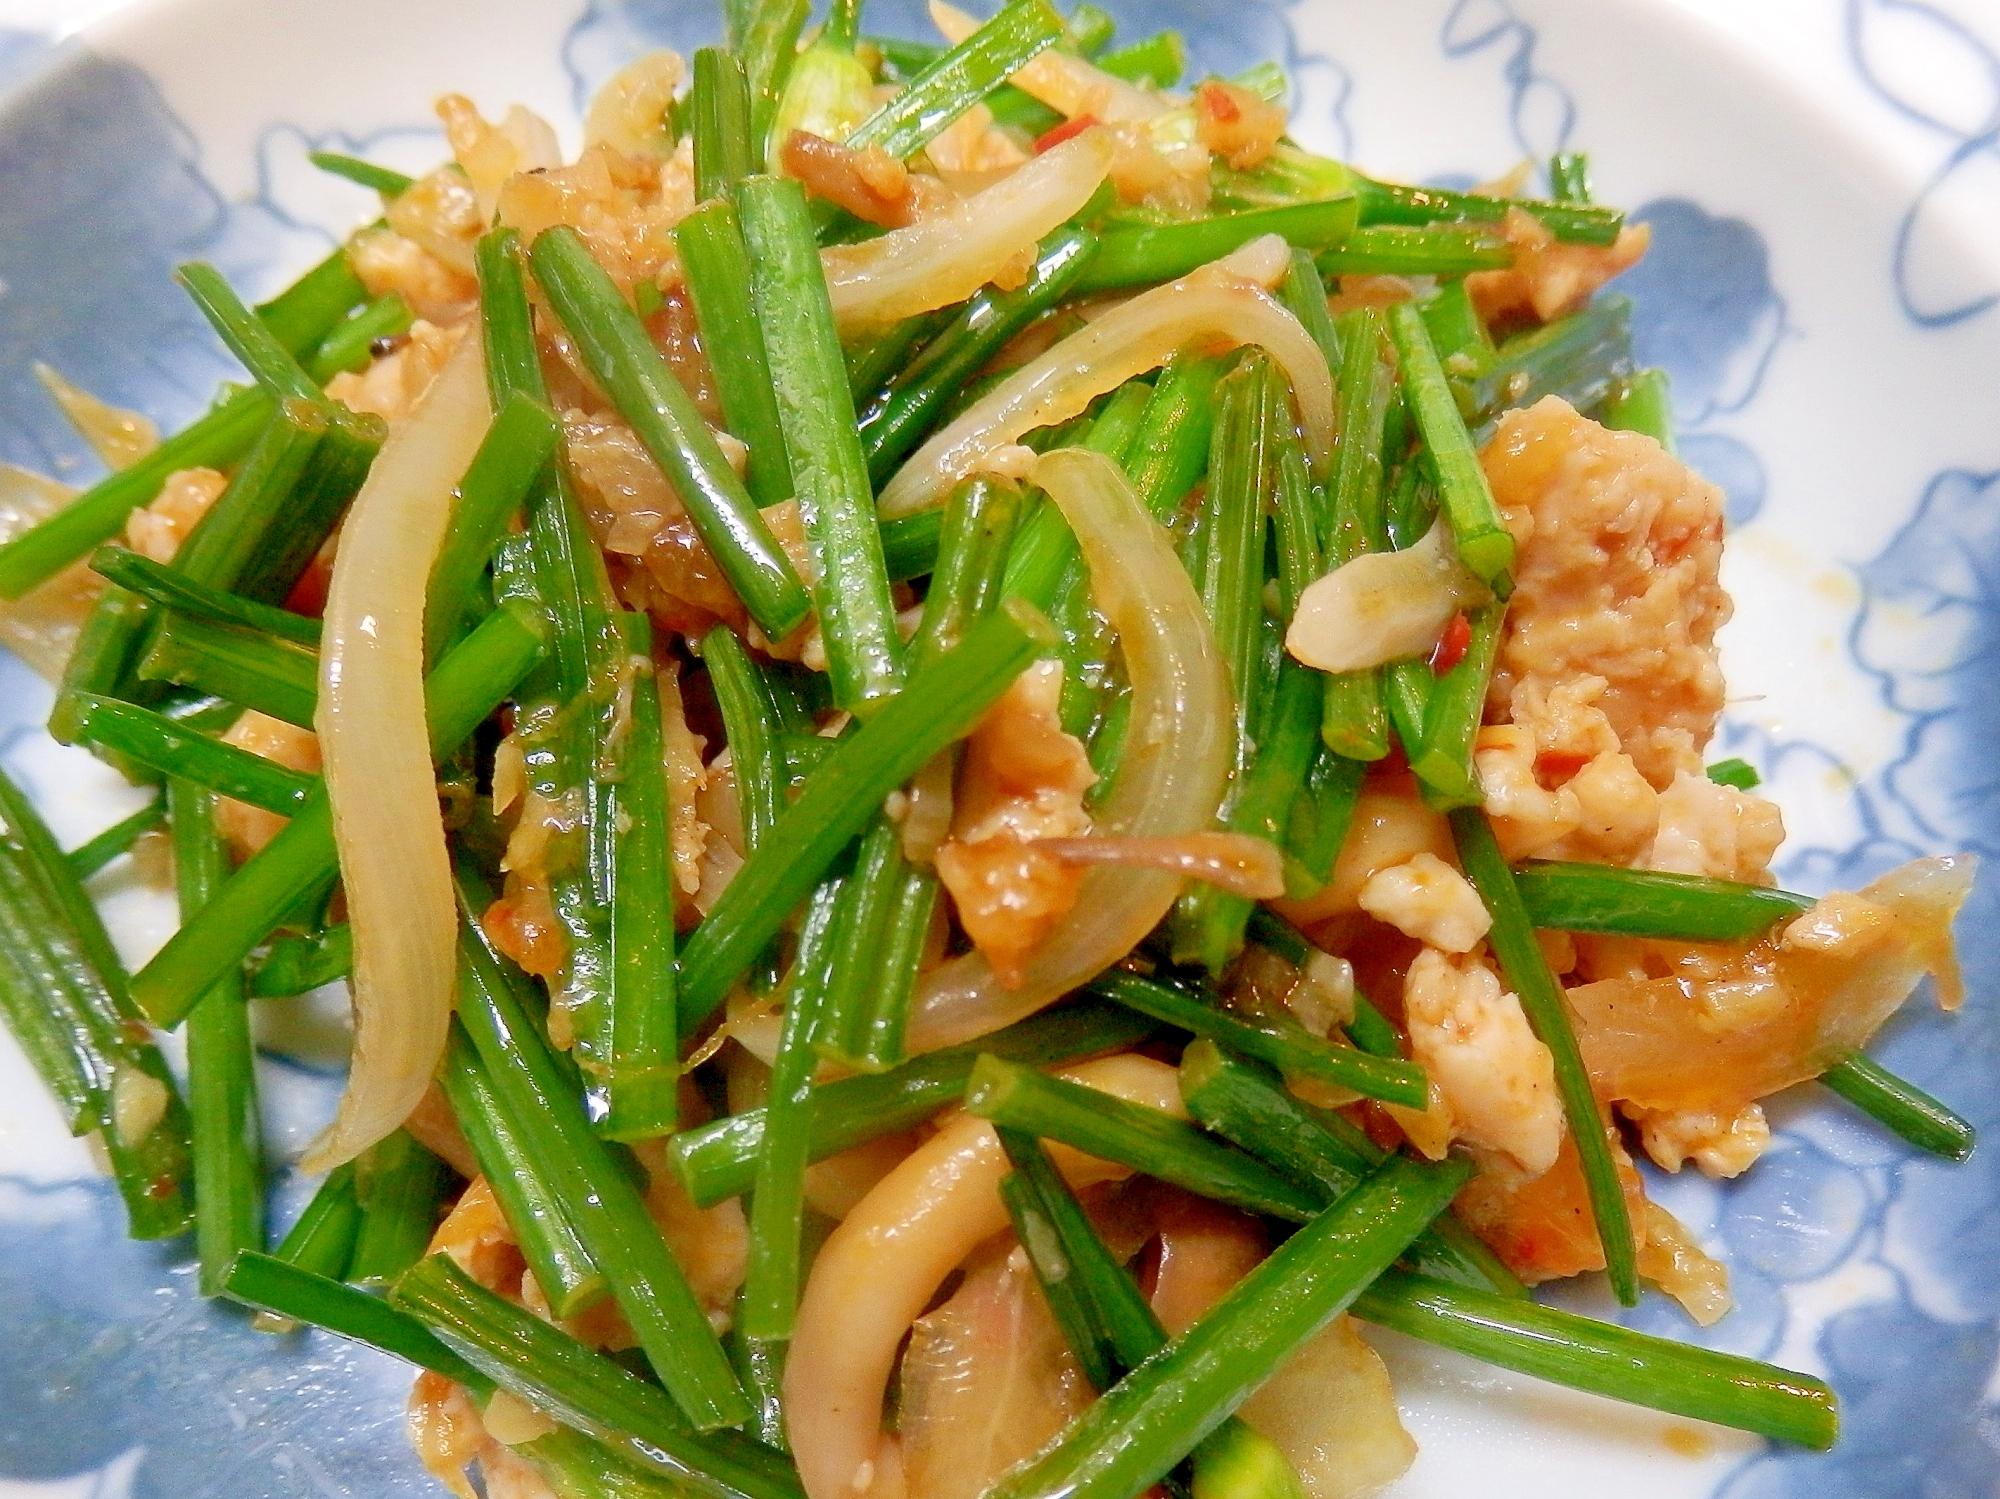 夏バテ対策にニンニクの茎と挽肉のピリ辛炒め